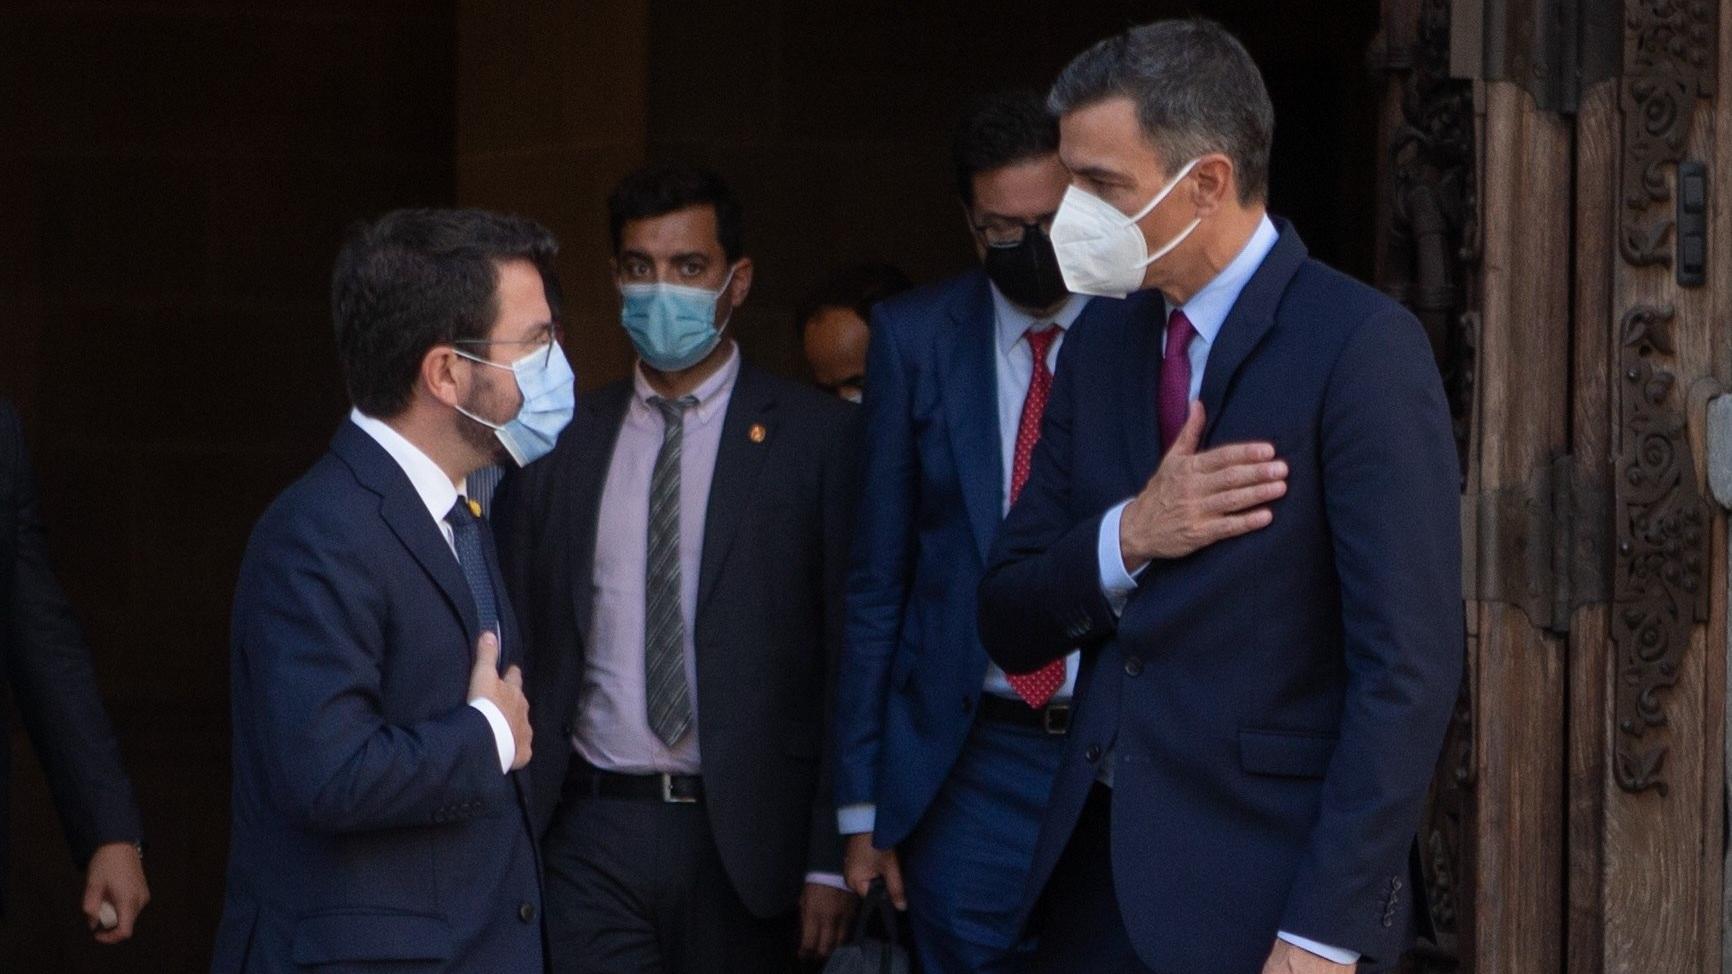 Sánchez y Aragonès se enfrentan a dos años de turbulencias pese a su voluntad de blindar el diálogo